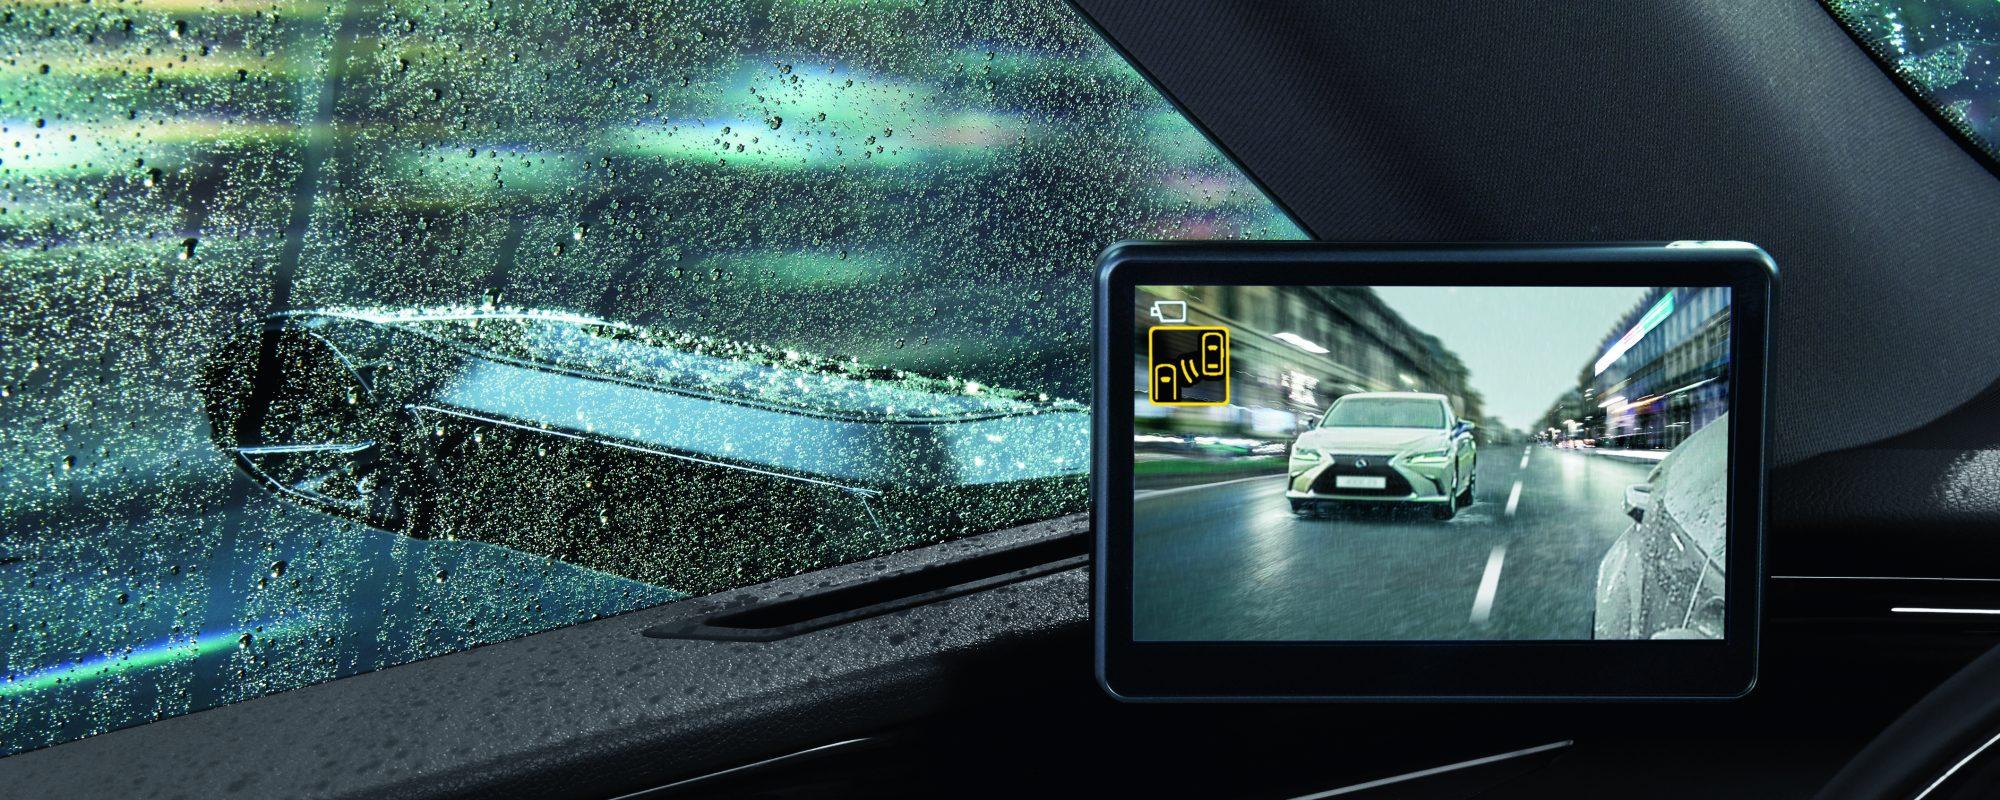 Digitale buitenspiegels voor de Lexus ES